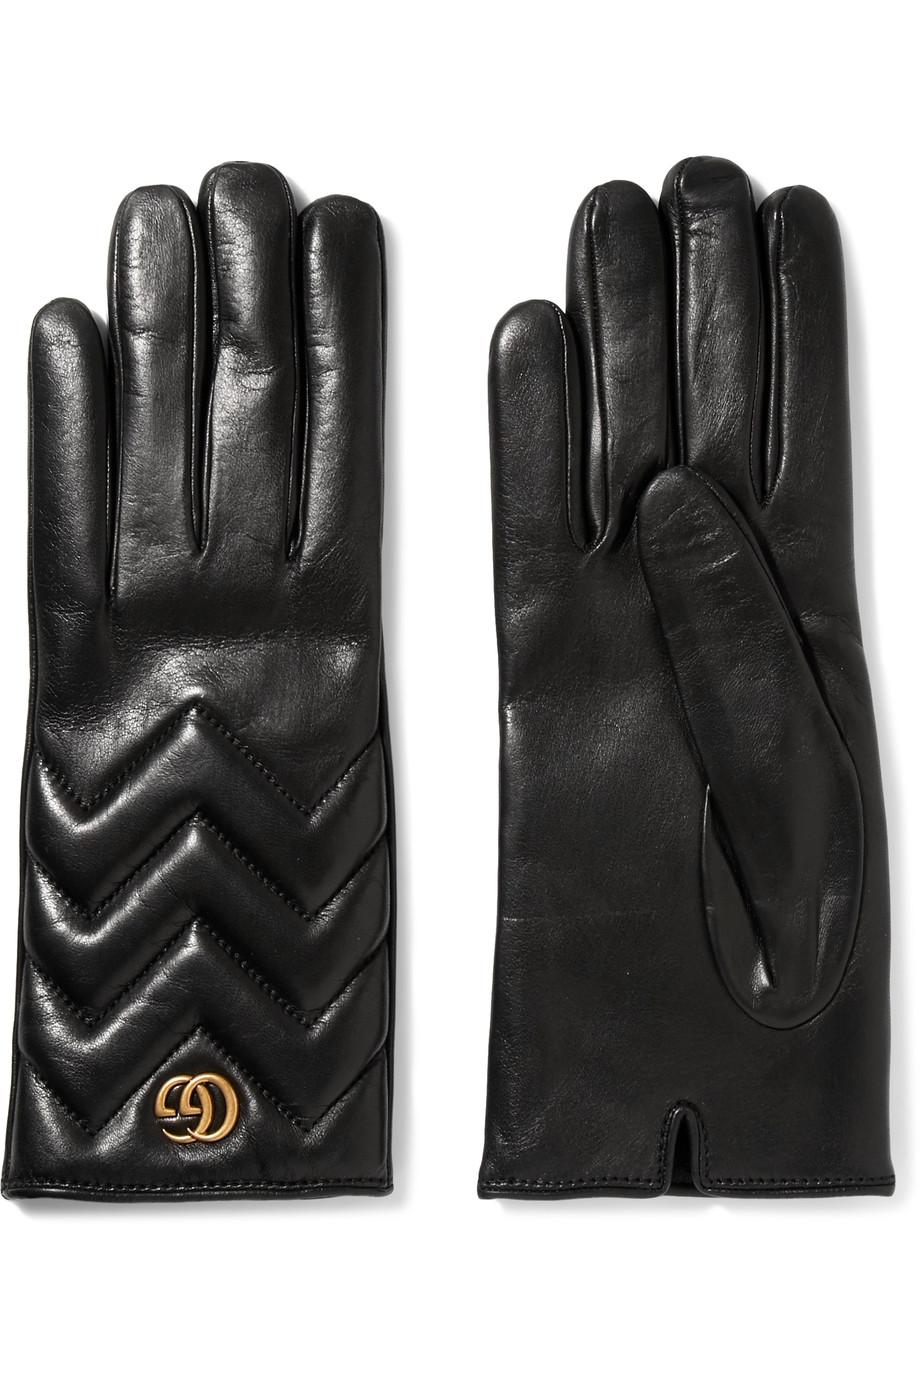 Ръкавици Gucci 760 лв.